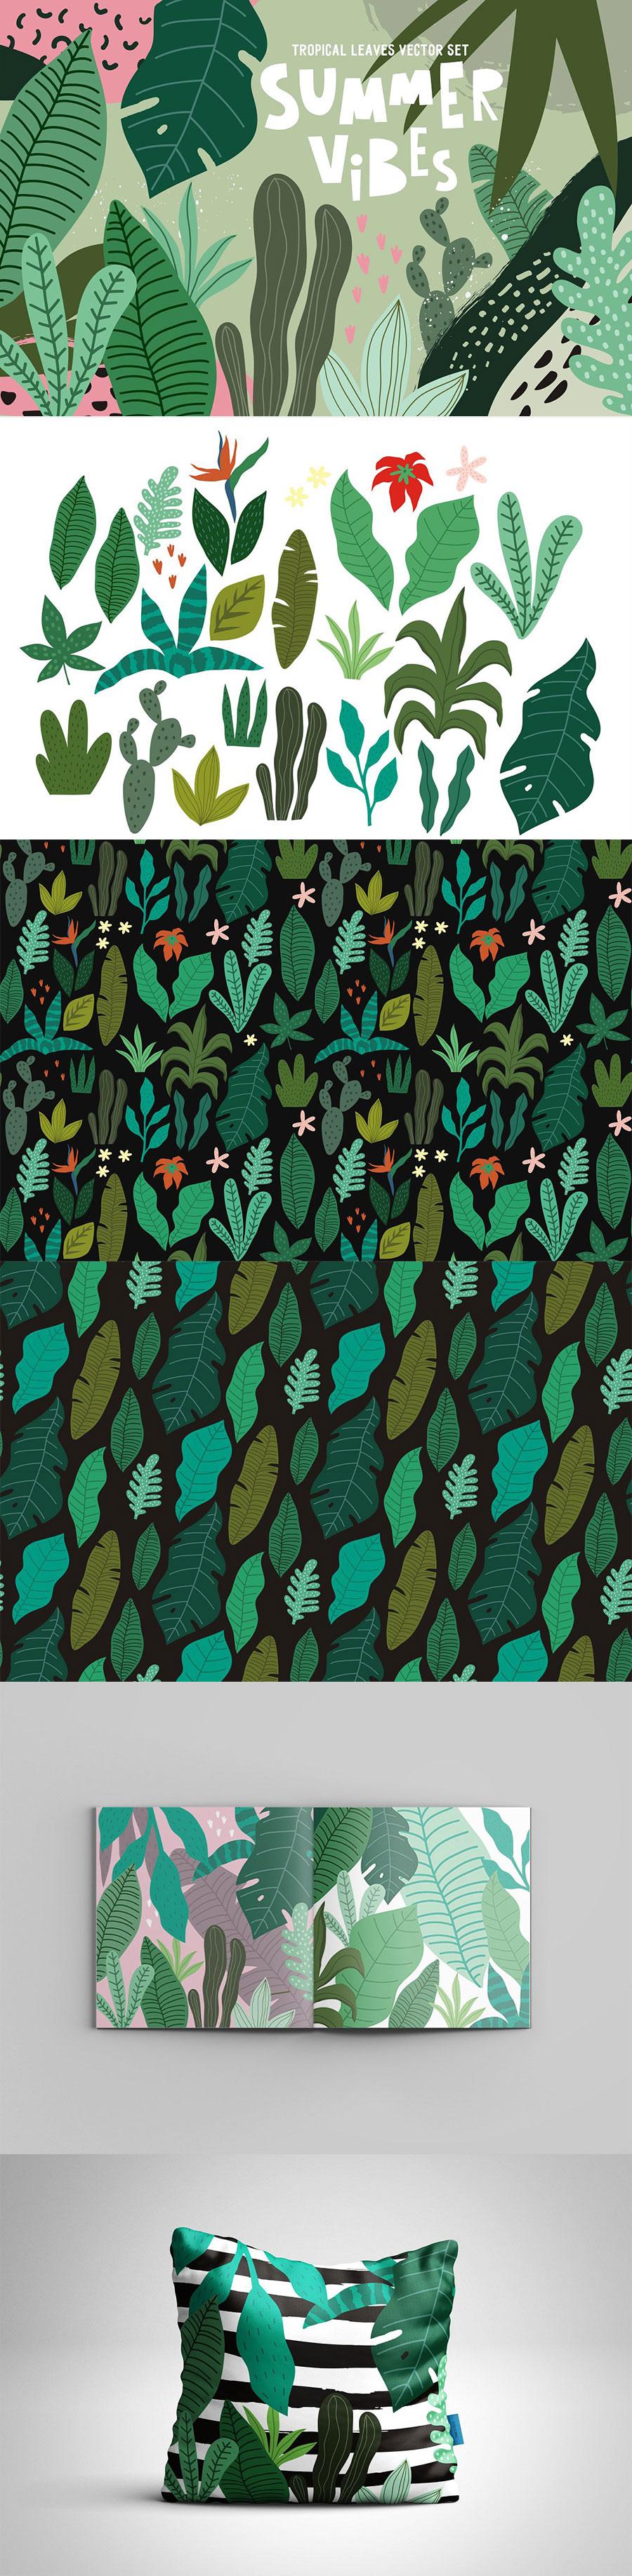 绿色热带植物树叶初夏背景纹理系列矢量素材下载[EPS]设计素材模板